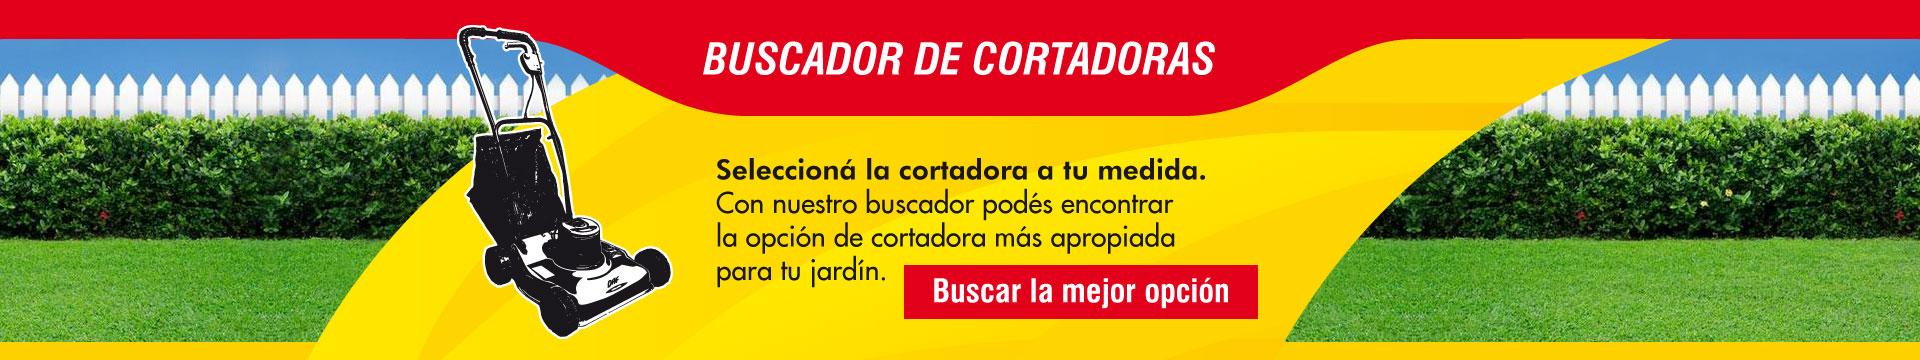 BUSCADOR_DE_CORTADORAS_BOTON